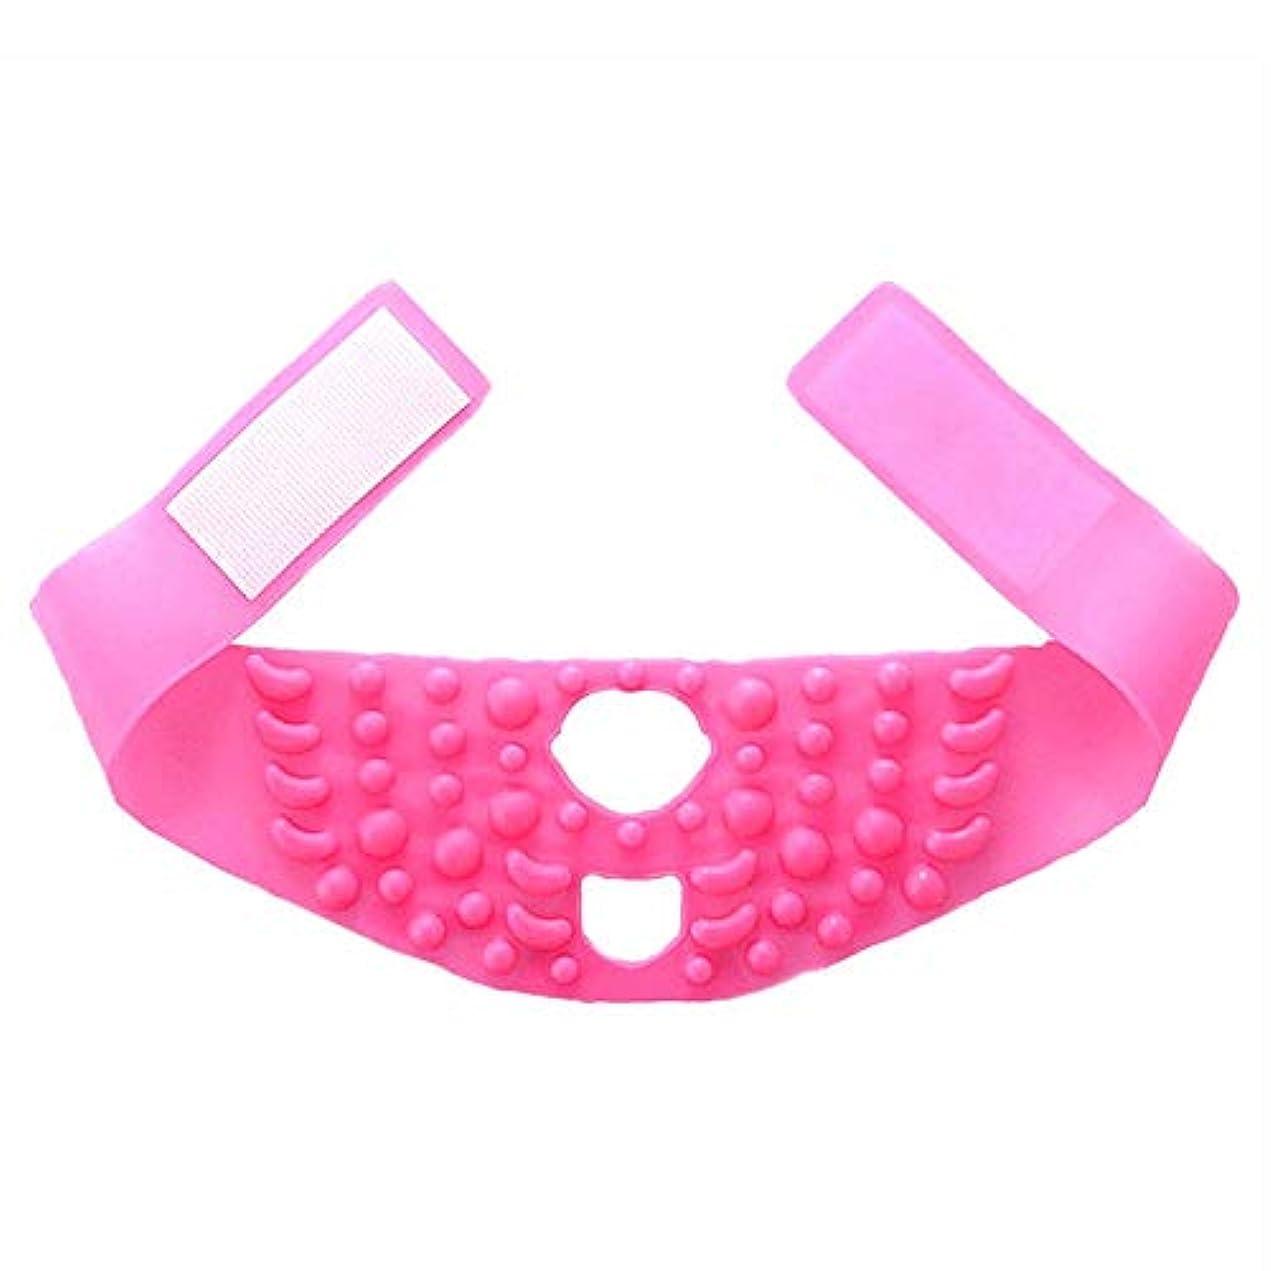 対称取り扱い識字GYZ シンフェイスマスクシリコーンマッサージ引き締まった形の小さなVフェイスリフティングに薄いフェイスアーティファクト包帯を飾る - ピンク Thin Face Belt